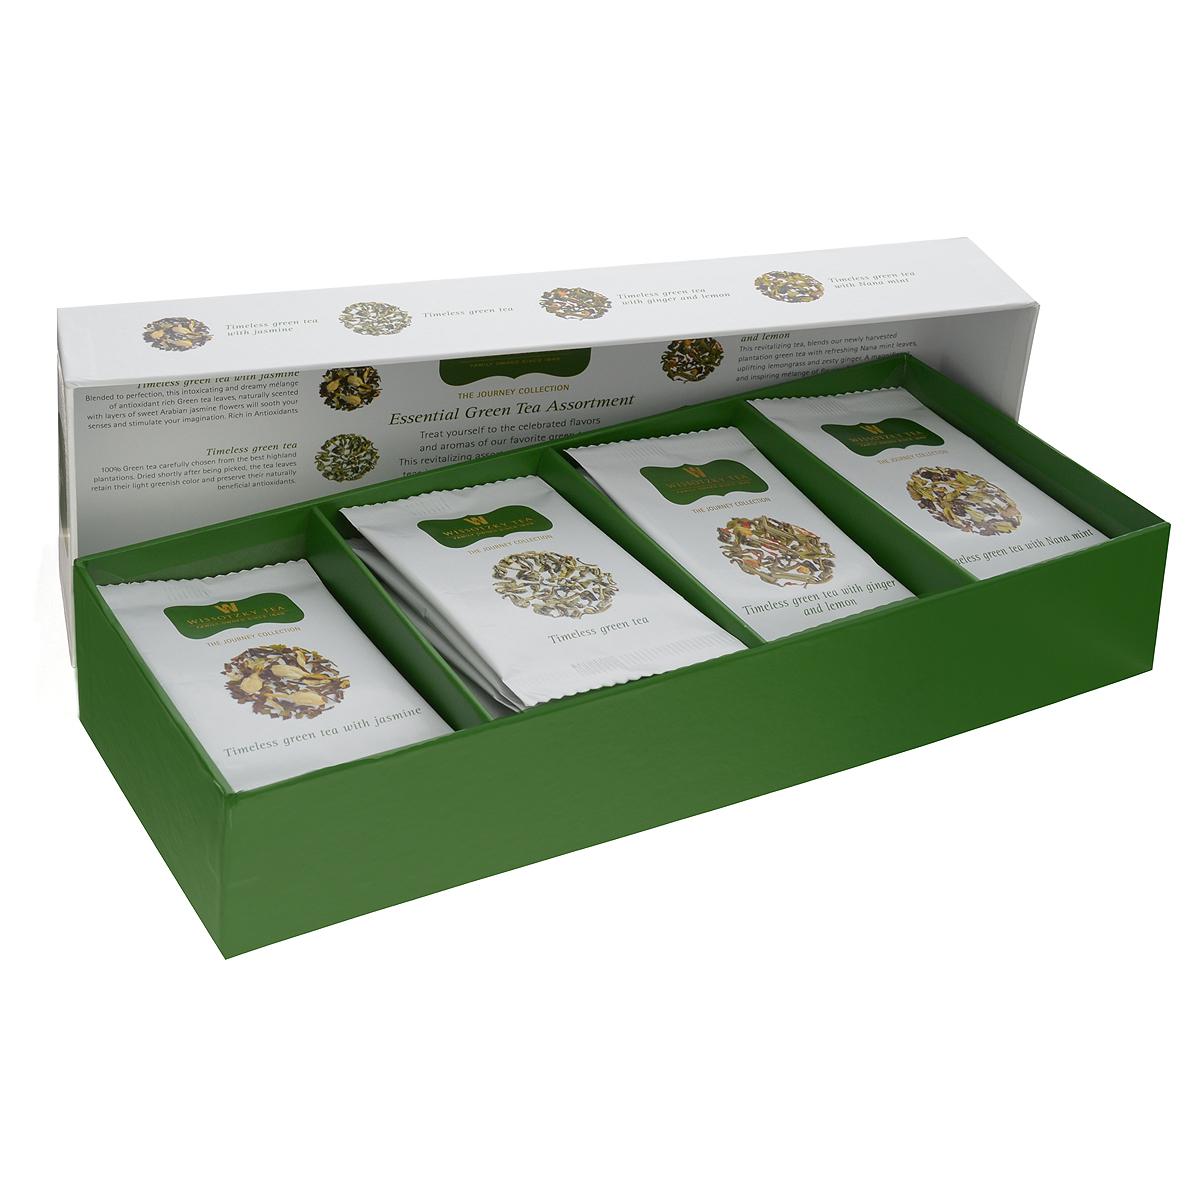 Wissotzky Essential Green Tea зеленый чай в пакетиках, 32 шт (4 вкуса)41519951020Wissotzky Essential Green Tea - чайный набор, который содержит32 шелковых пакетика зеленого чая, богатого антиоксидантами. Включает в себя: 8 пакетиков со вкусом классического зеленого чая с жасмином (Timeless Green Tea and Jasmine) 8 пакетиков со вкусом классического зеленого чая (Timeless Green Tea) 8 пакетиков со вкусом классического зеленого чая с нана мятой (Timeless Green Tea with Nana Mint) 8 пакетиков со вкусом классического зеленого чая с имбирем и лимоном (Timeless Green Tea with Ginger and Lemon) Термоупаковка каждого пакетика позволяет сохранить свежесть и невероятный аромат чая. Не содержит металлической скрепки.